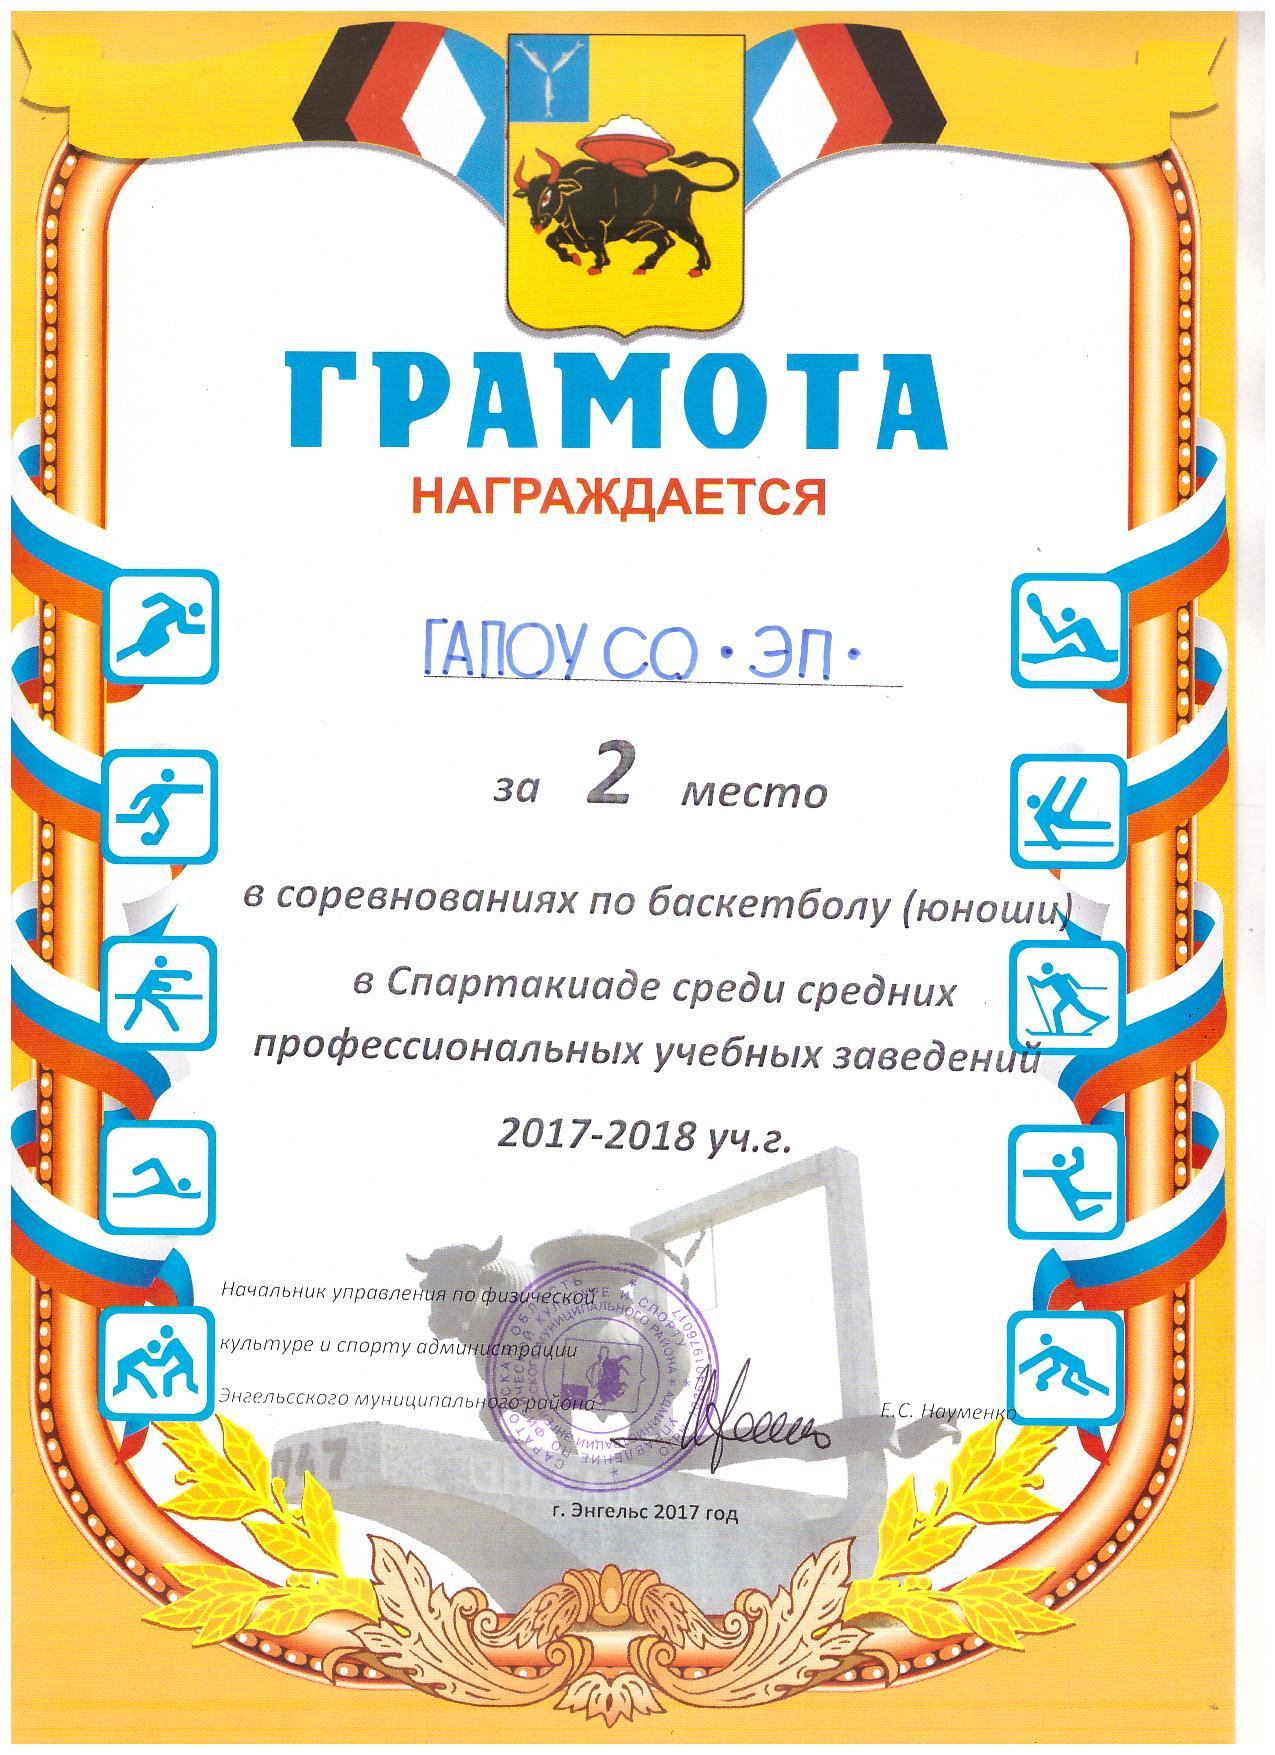 http://politehnikum-eng.ru/2017/12_13/17.jpg